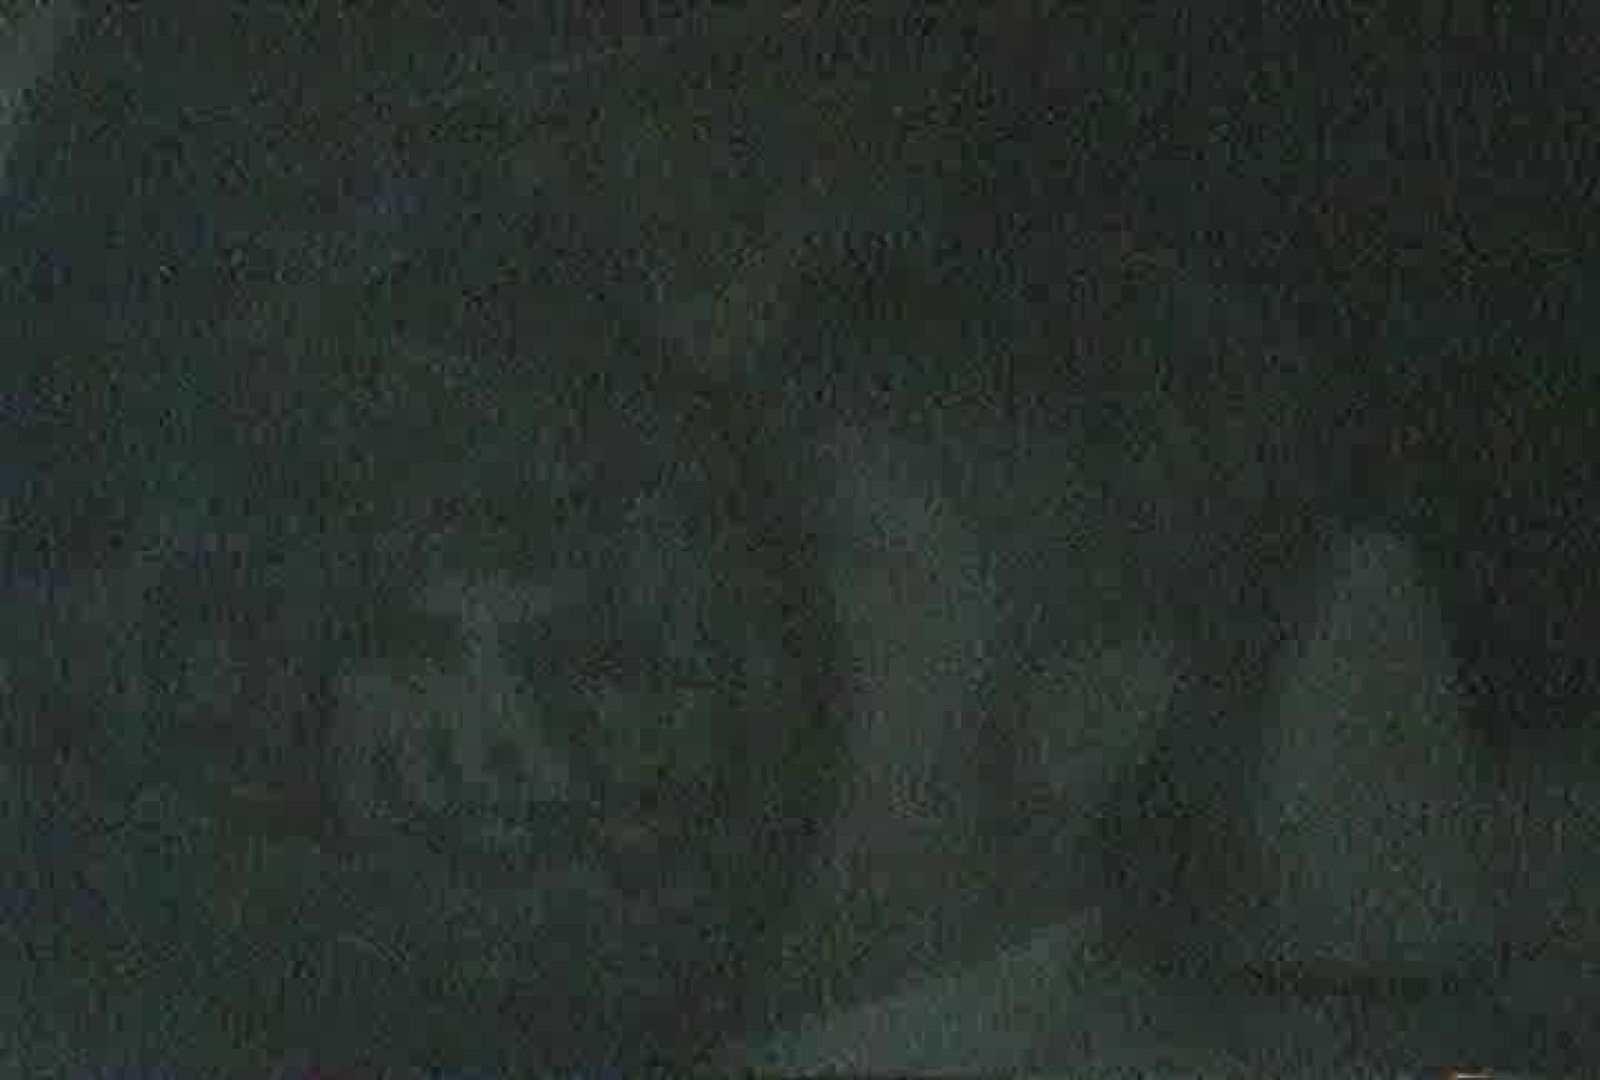 充血監督の深夜の運動会Vol.56 フェラ | OLヌード天国  102PIX 45